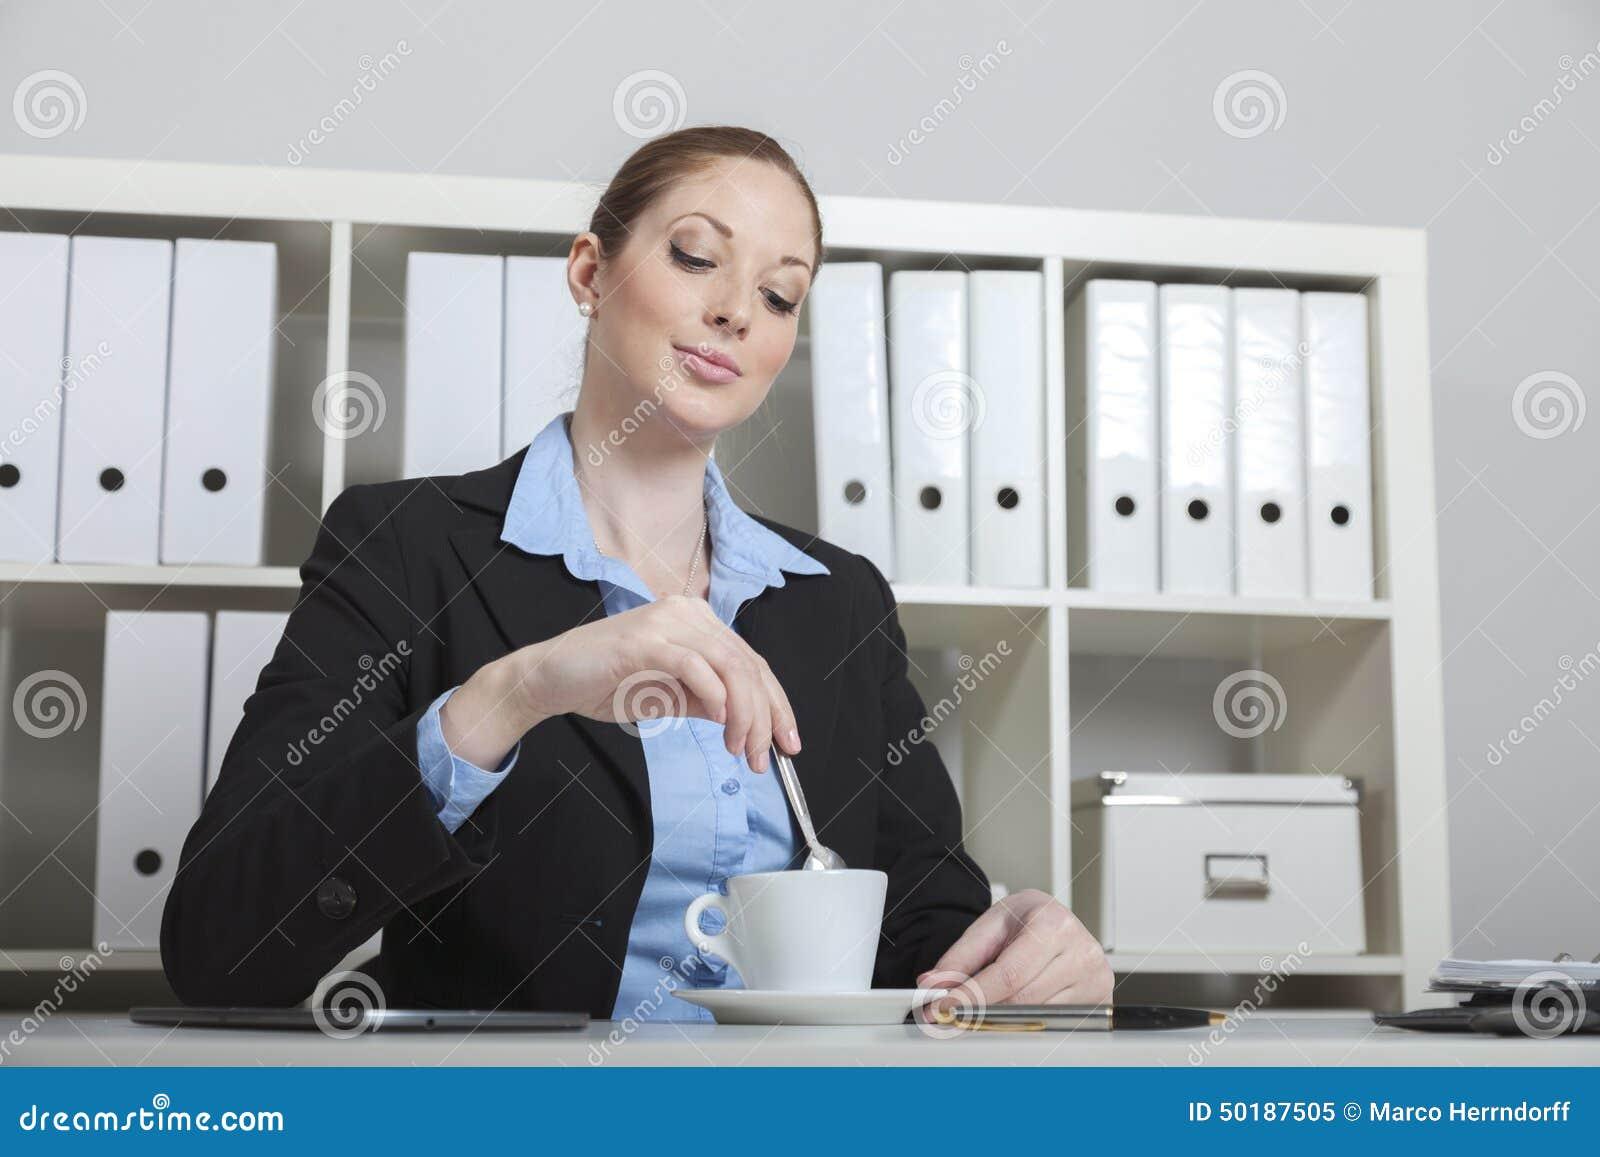 Descanso para tomar caf en la oficina foto de archivo for Xxx porno en la oficina